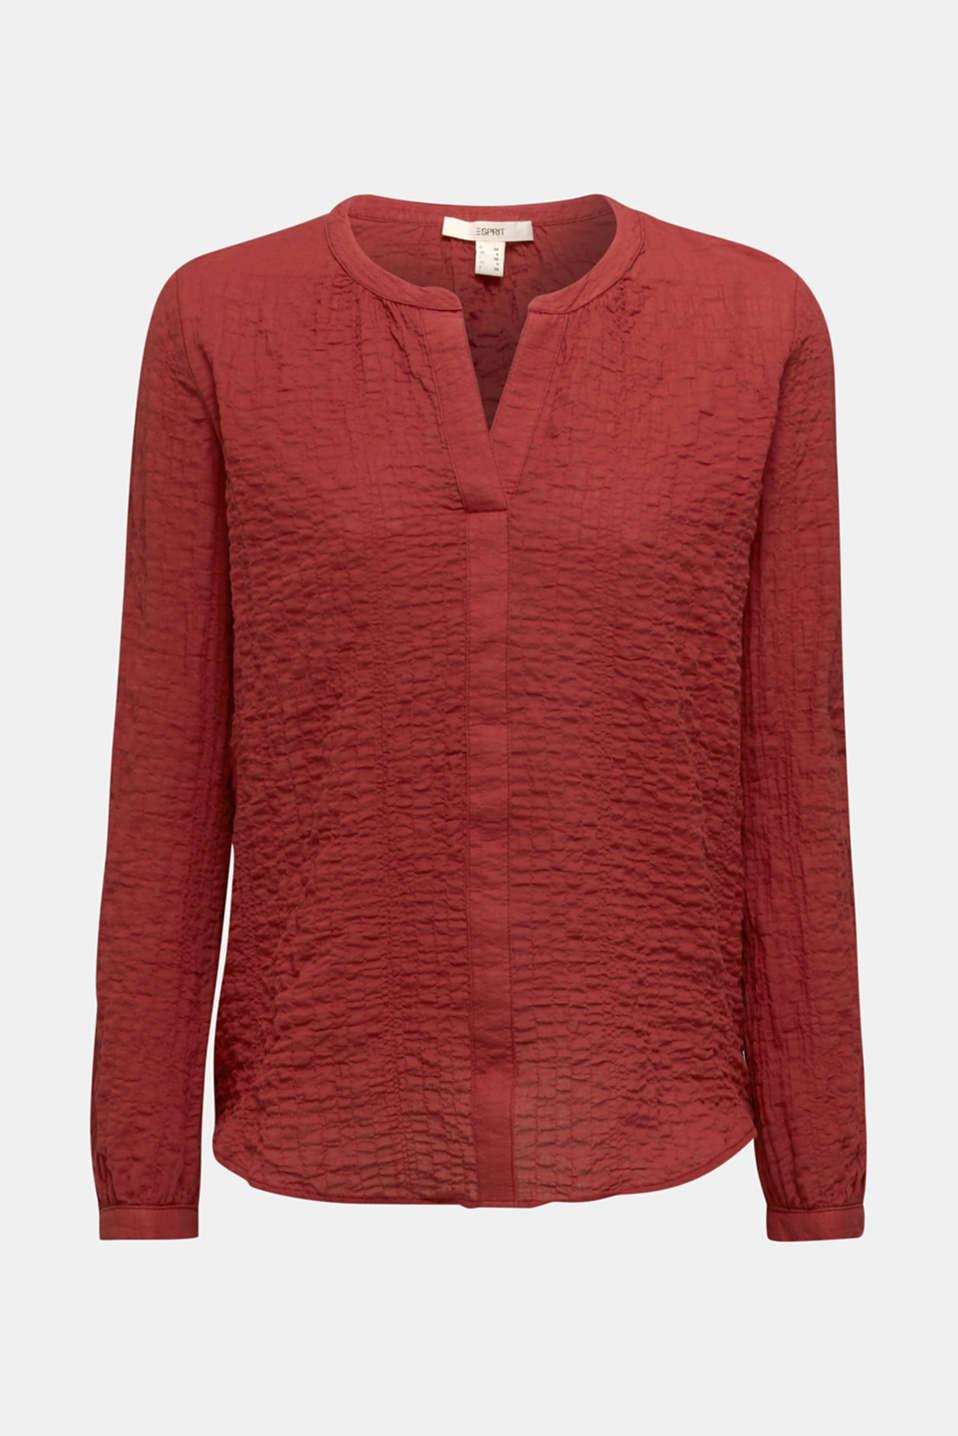 Semi-sheer seersucker blouse, DARK RED, detail image number 6